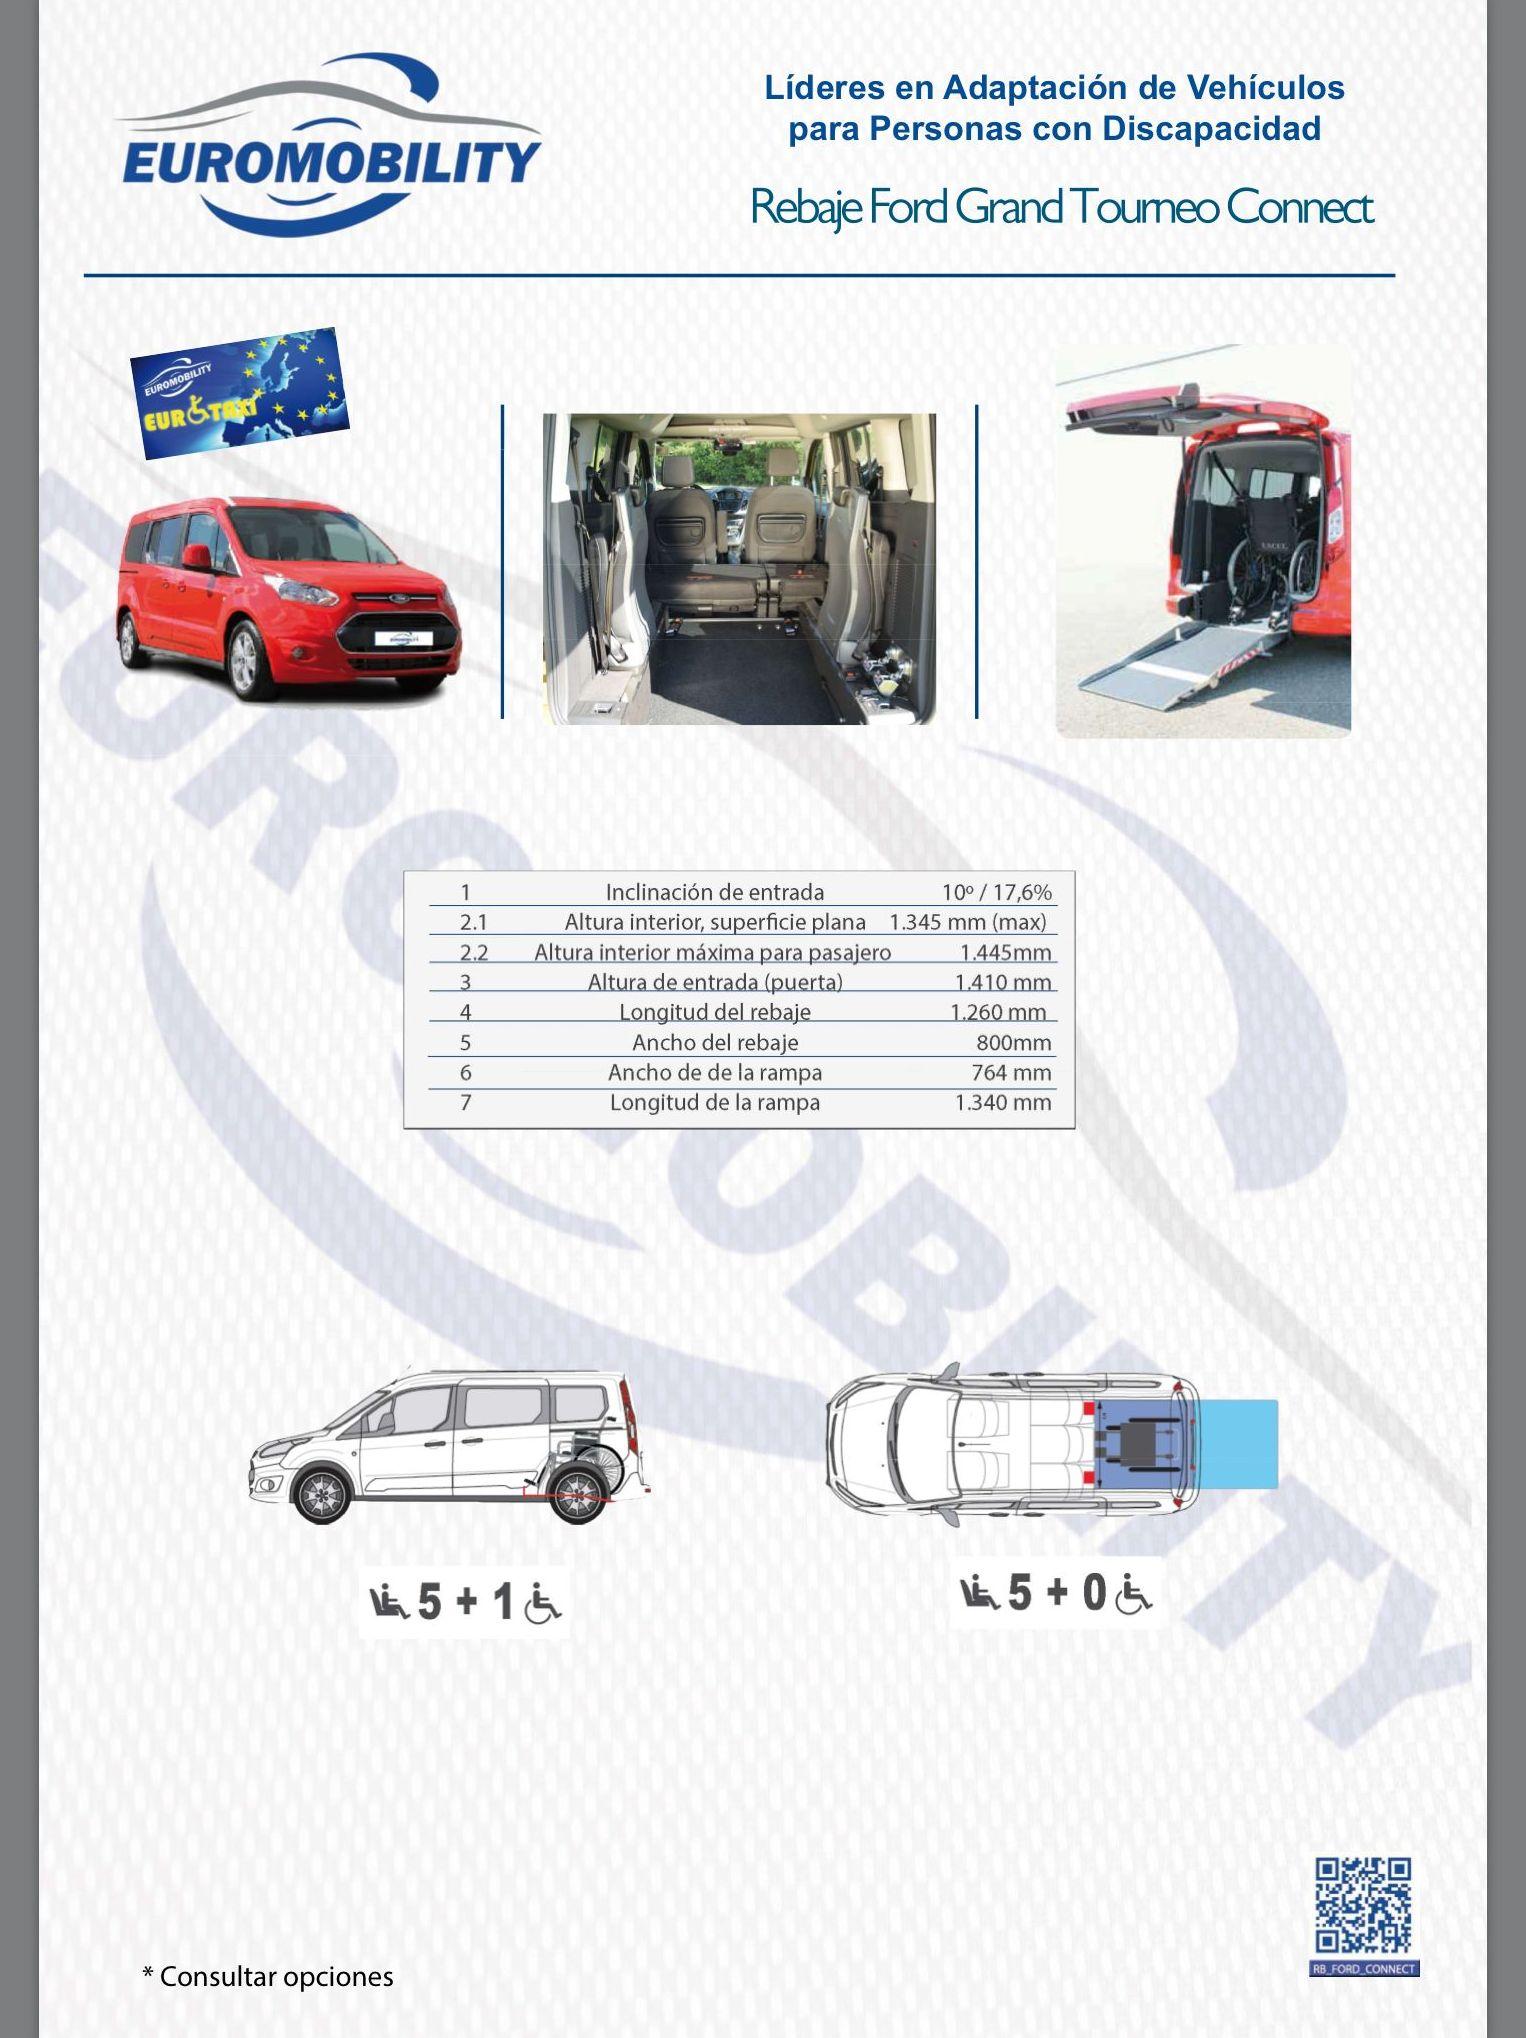 Rebaje de piso Cajeado en Ford Grand Tourneo Connect. Adaptación de vehículos Oviedo